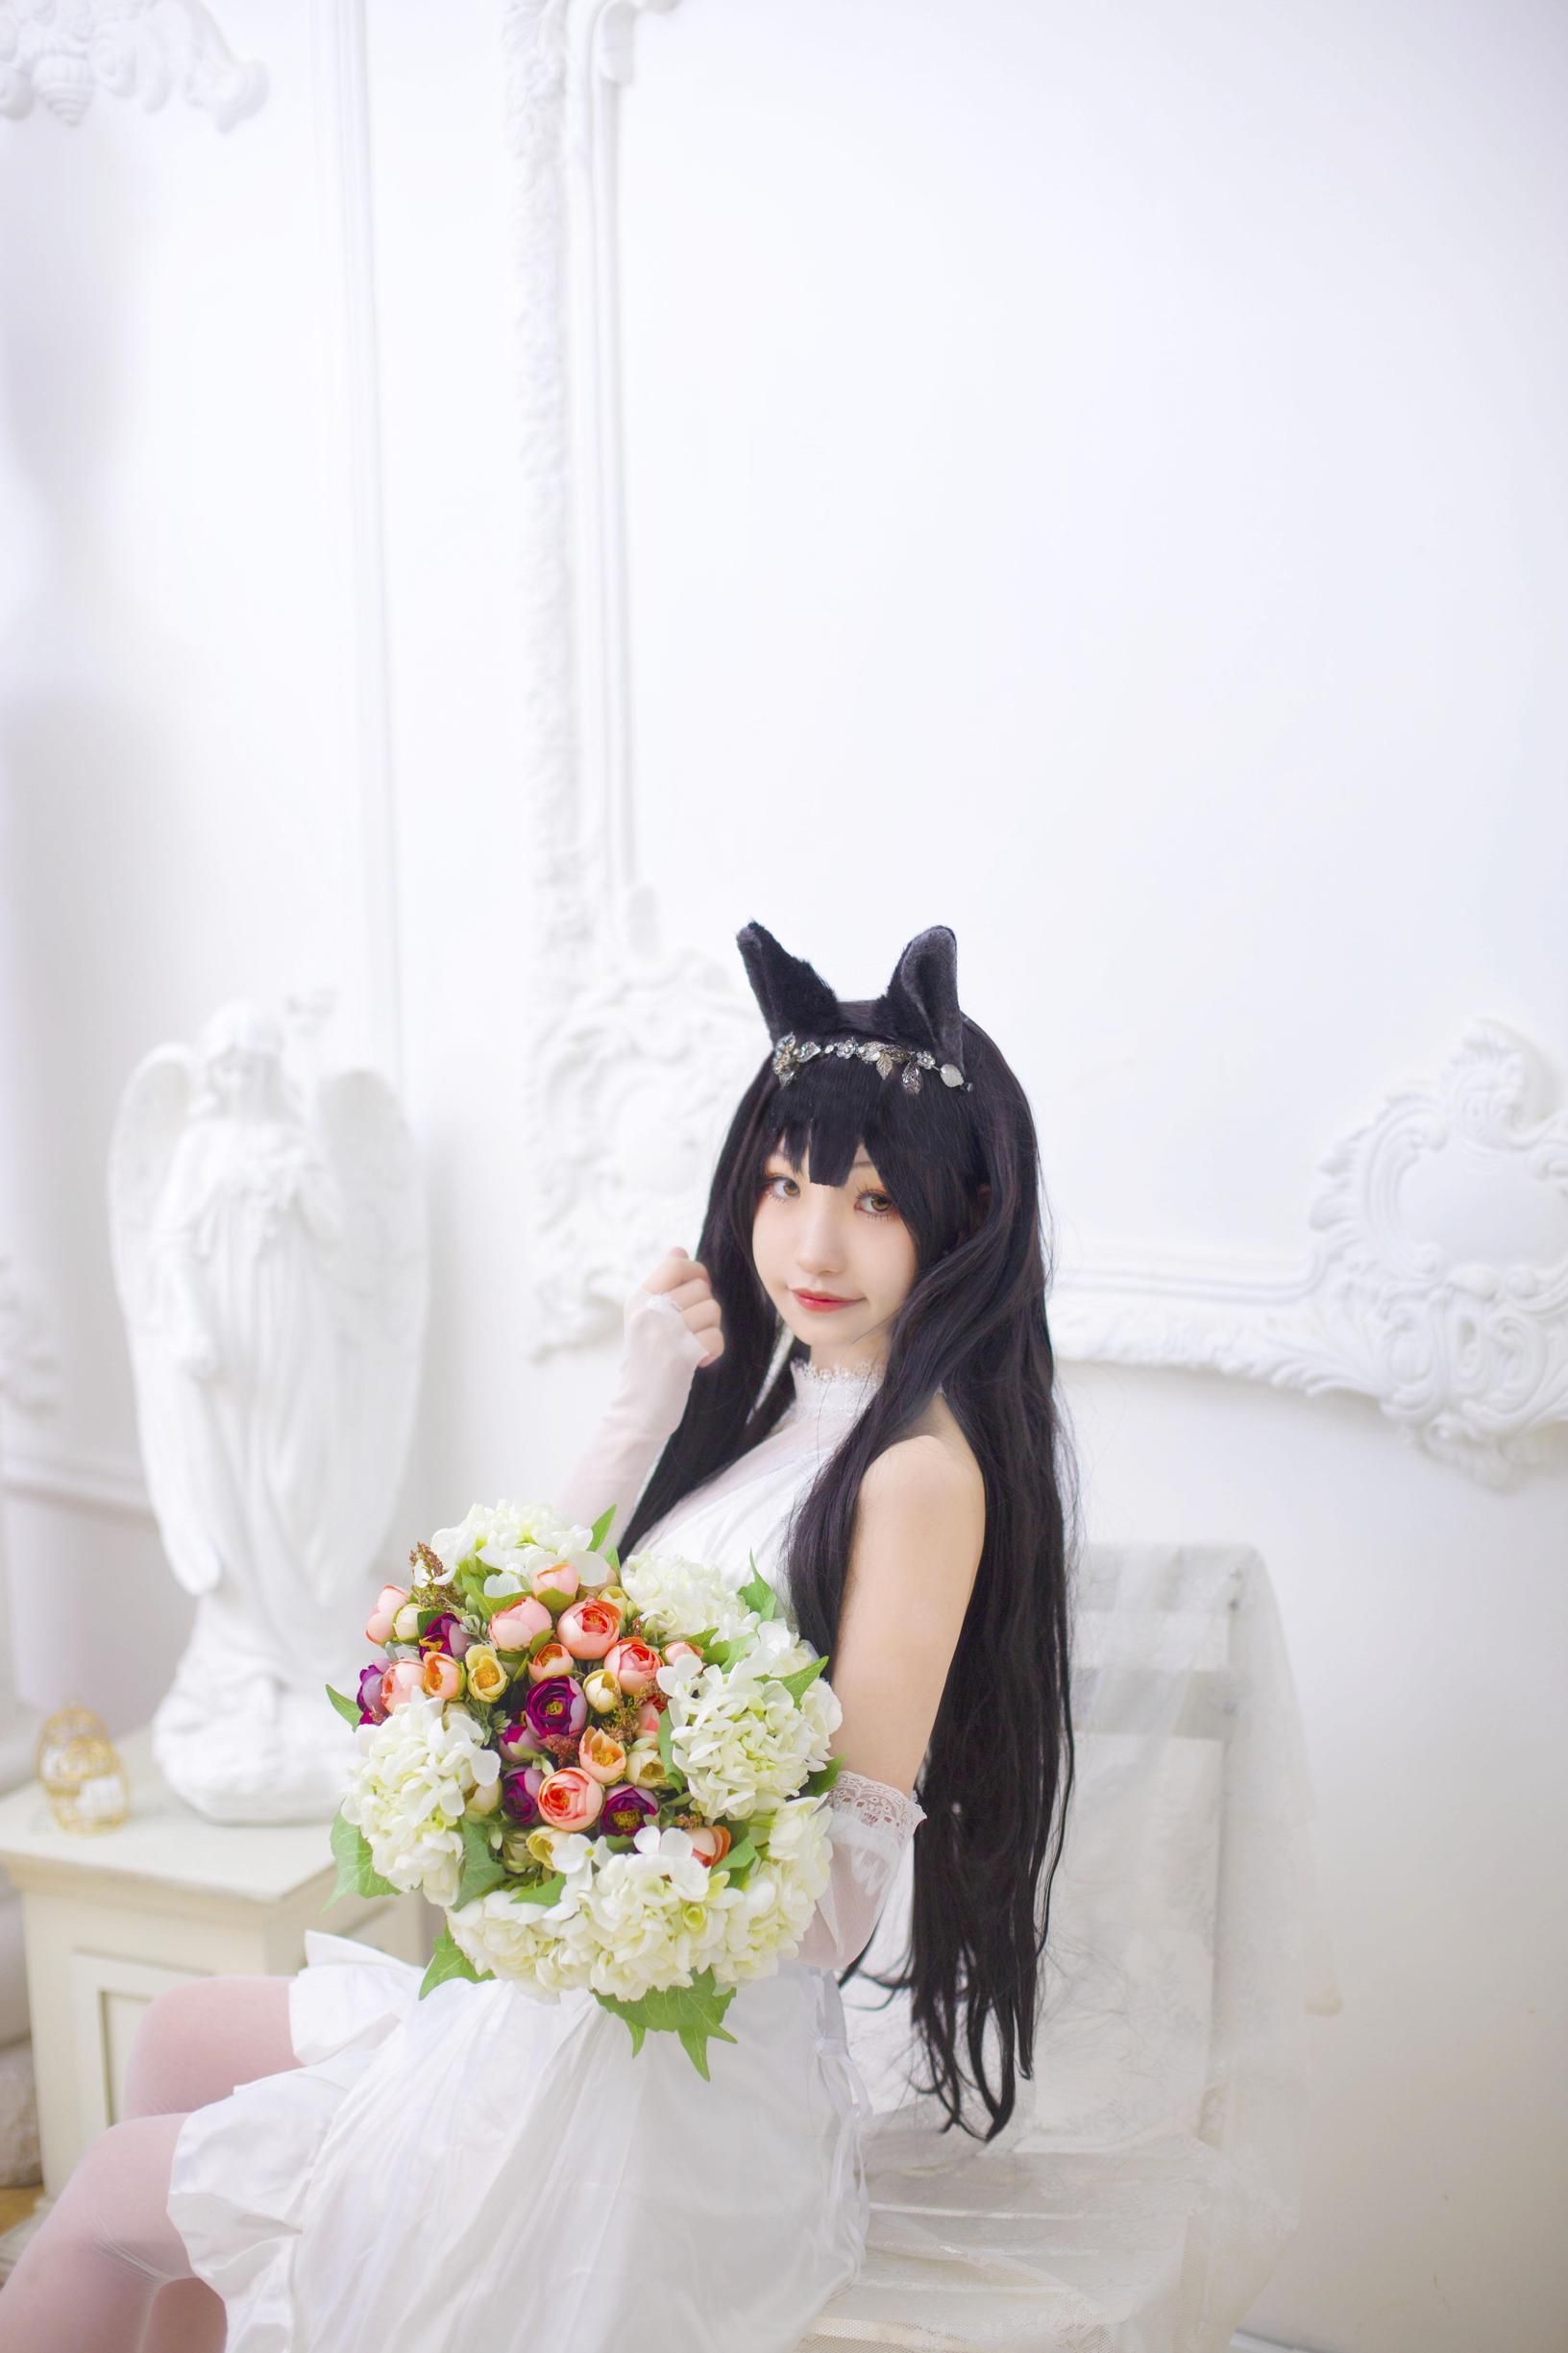 《碧蓝航线》正片cosplay【CN:宇宙不明蓝樱音w】-第1张